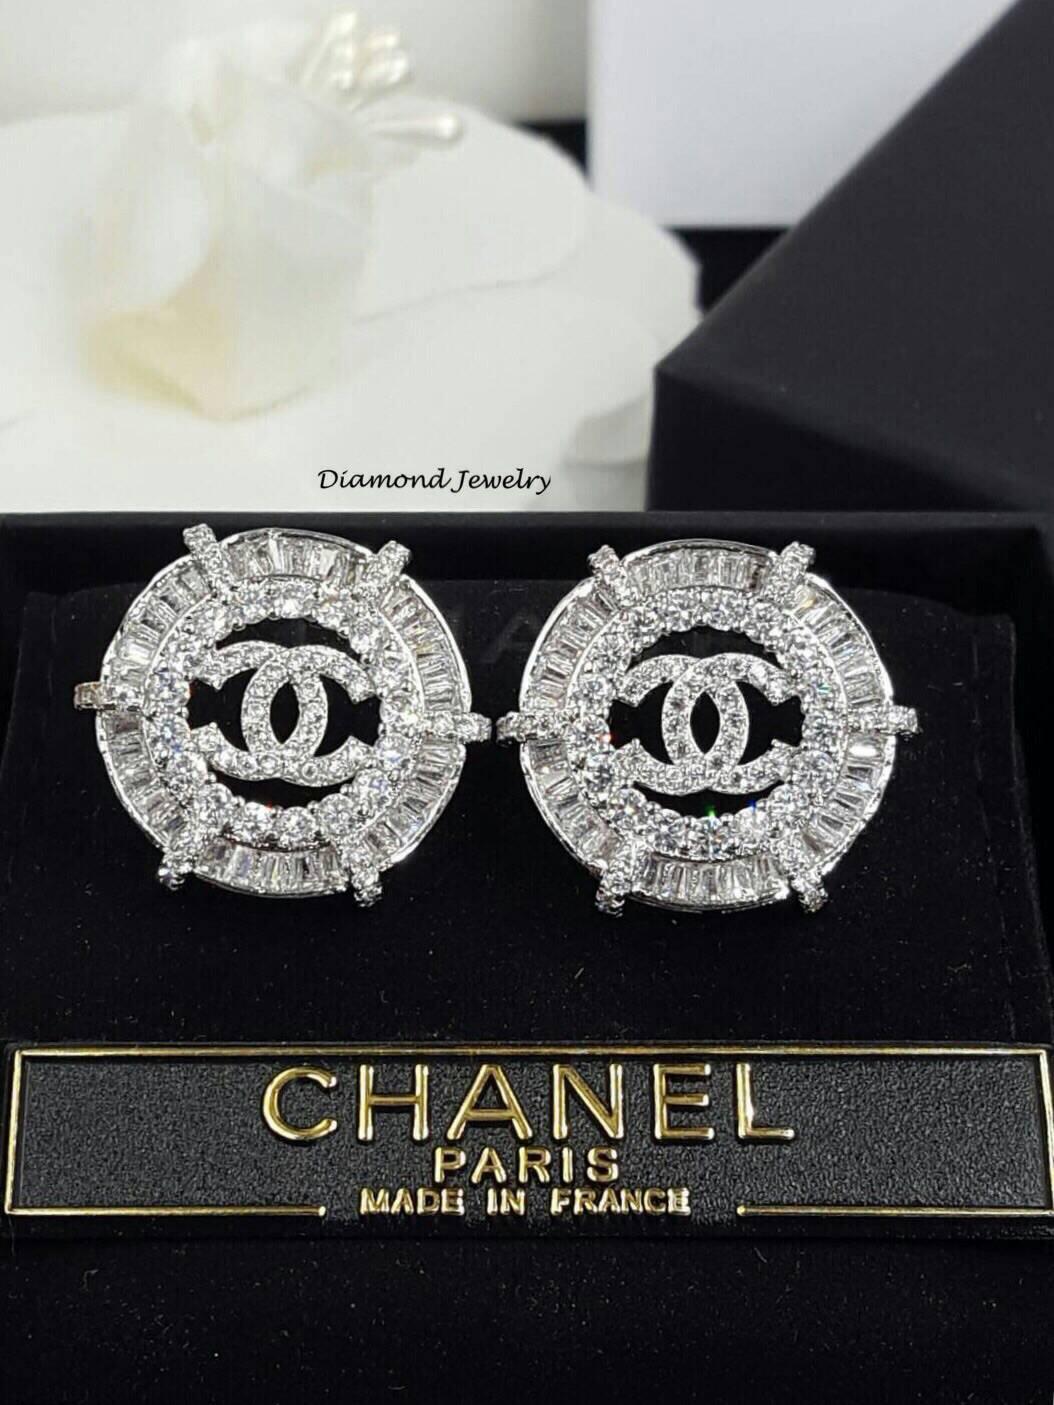 พร้อมส่ง ต่างหูแบรนด์ Chanel งานเพชร CZ แท้